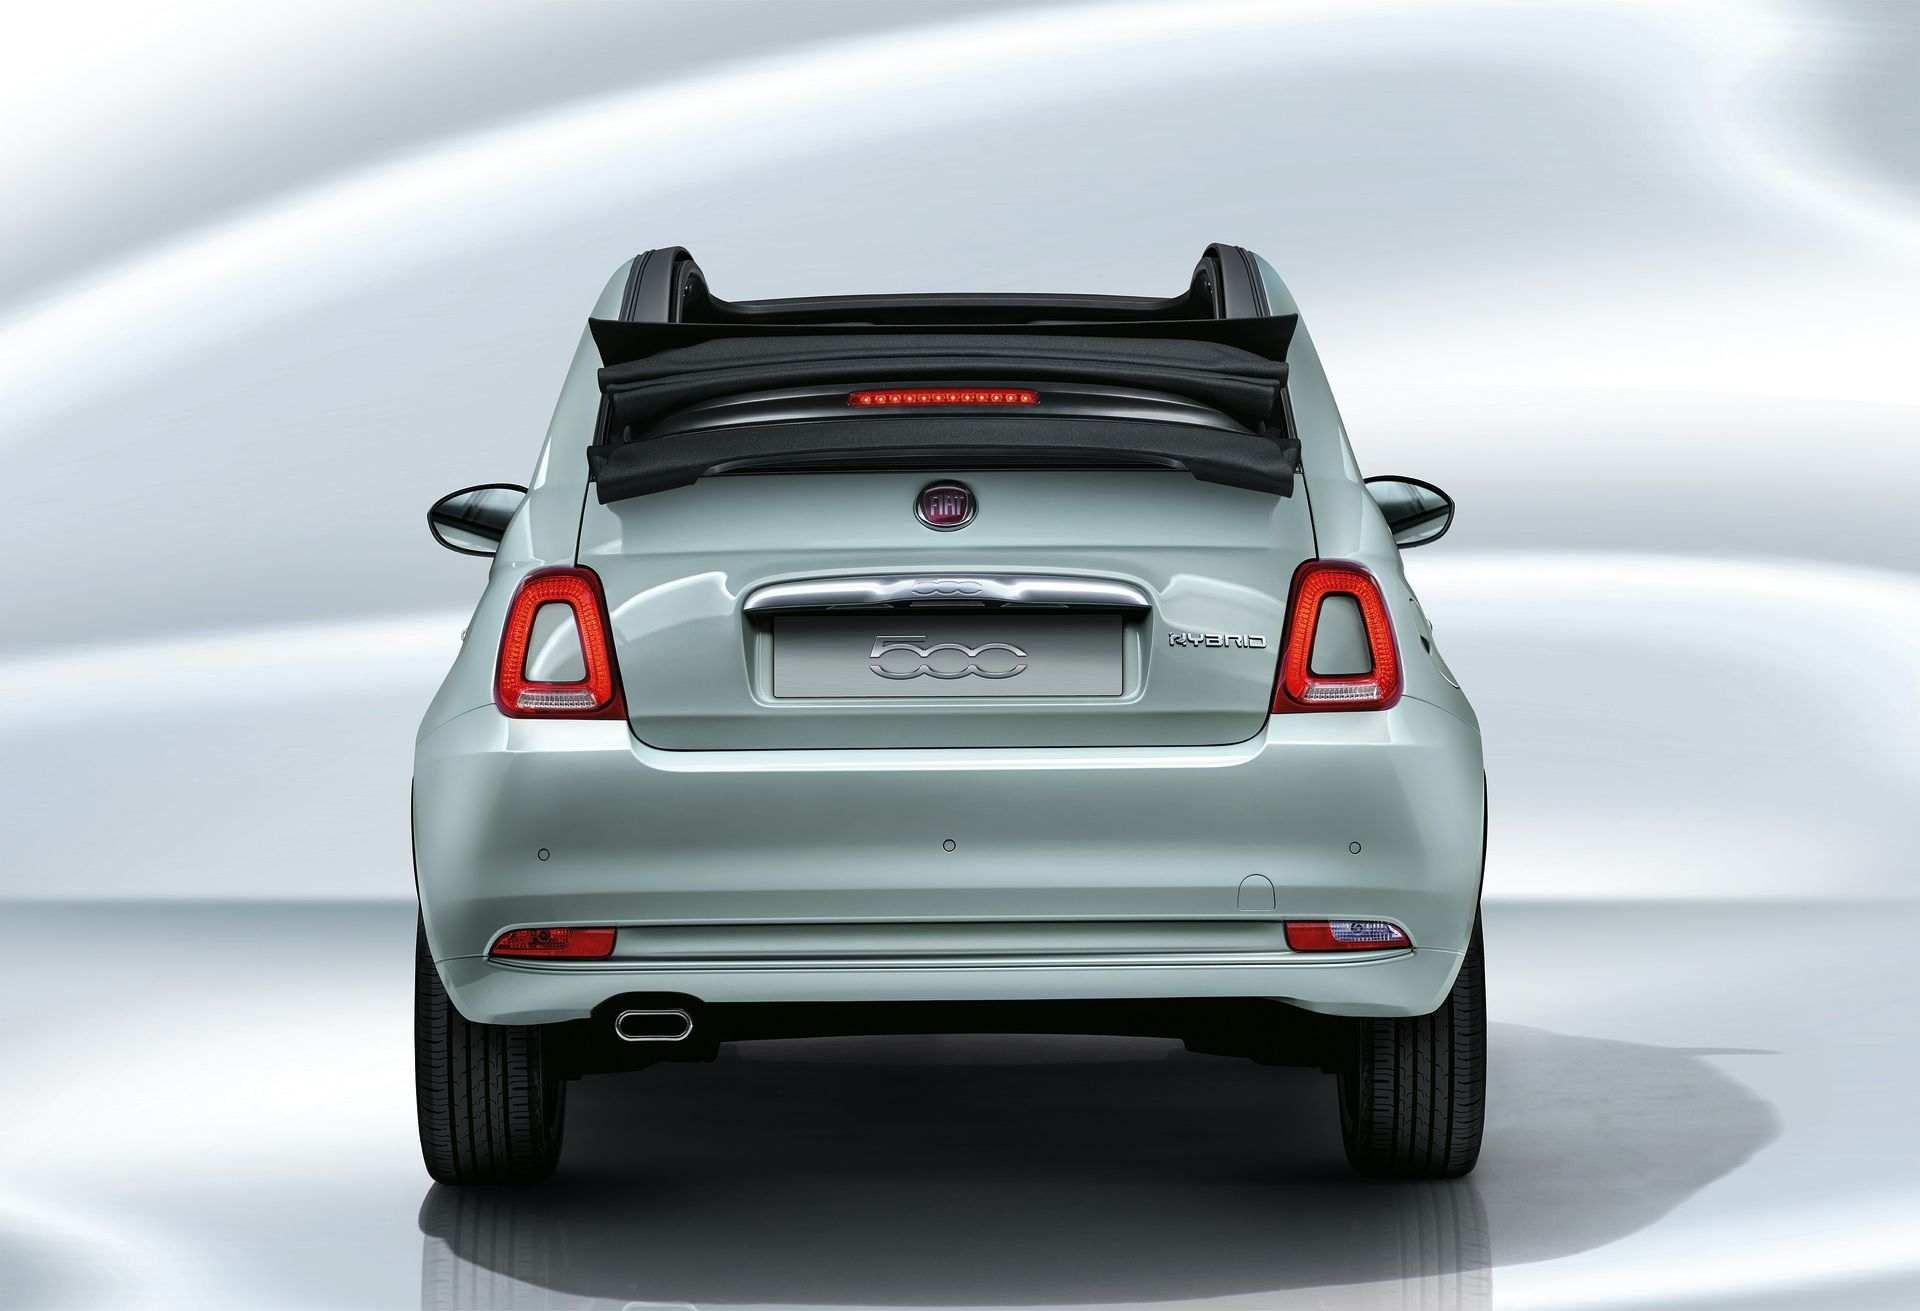 200108_Fiat_500-Hybrid-Launch-Edition_06